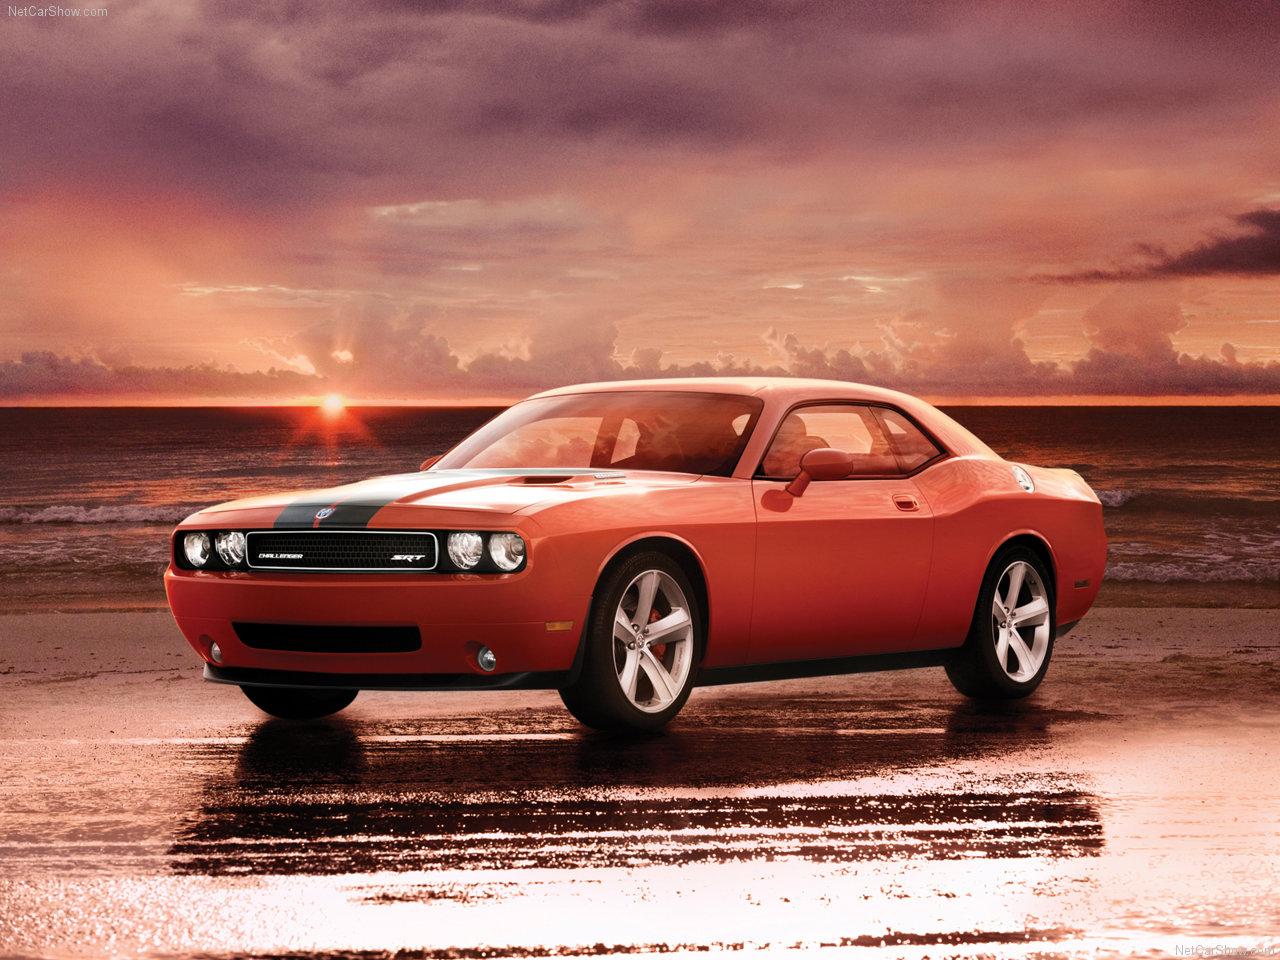 http://1.bp.blogspot.com/-yYG_v4yRtpU/TWtzOucV5vI/AAAAAAAACJg/iRtQwQpuykU/s1600/Dodge-Challenger_SRT8_2008_1280x960_wallpaper_02.jpg